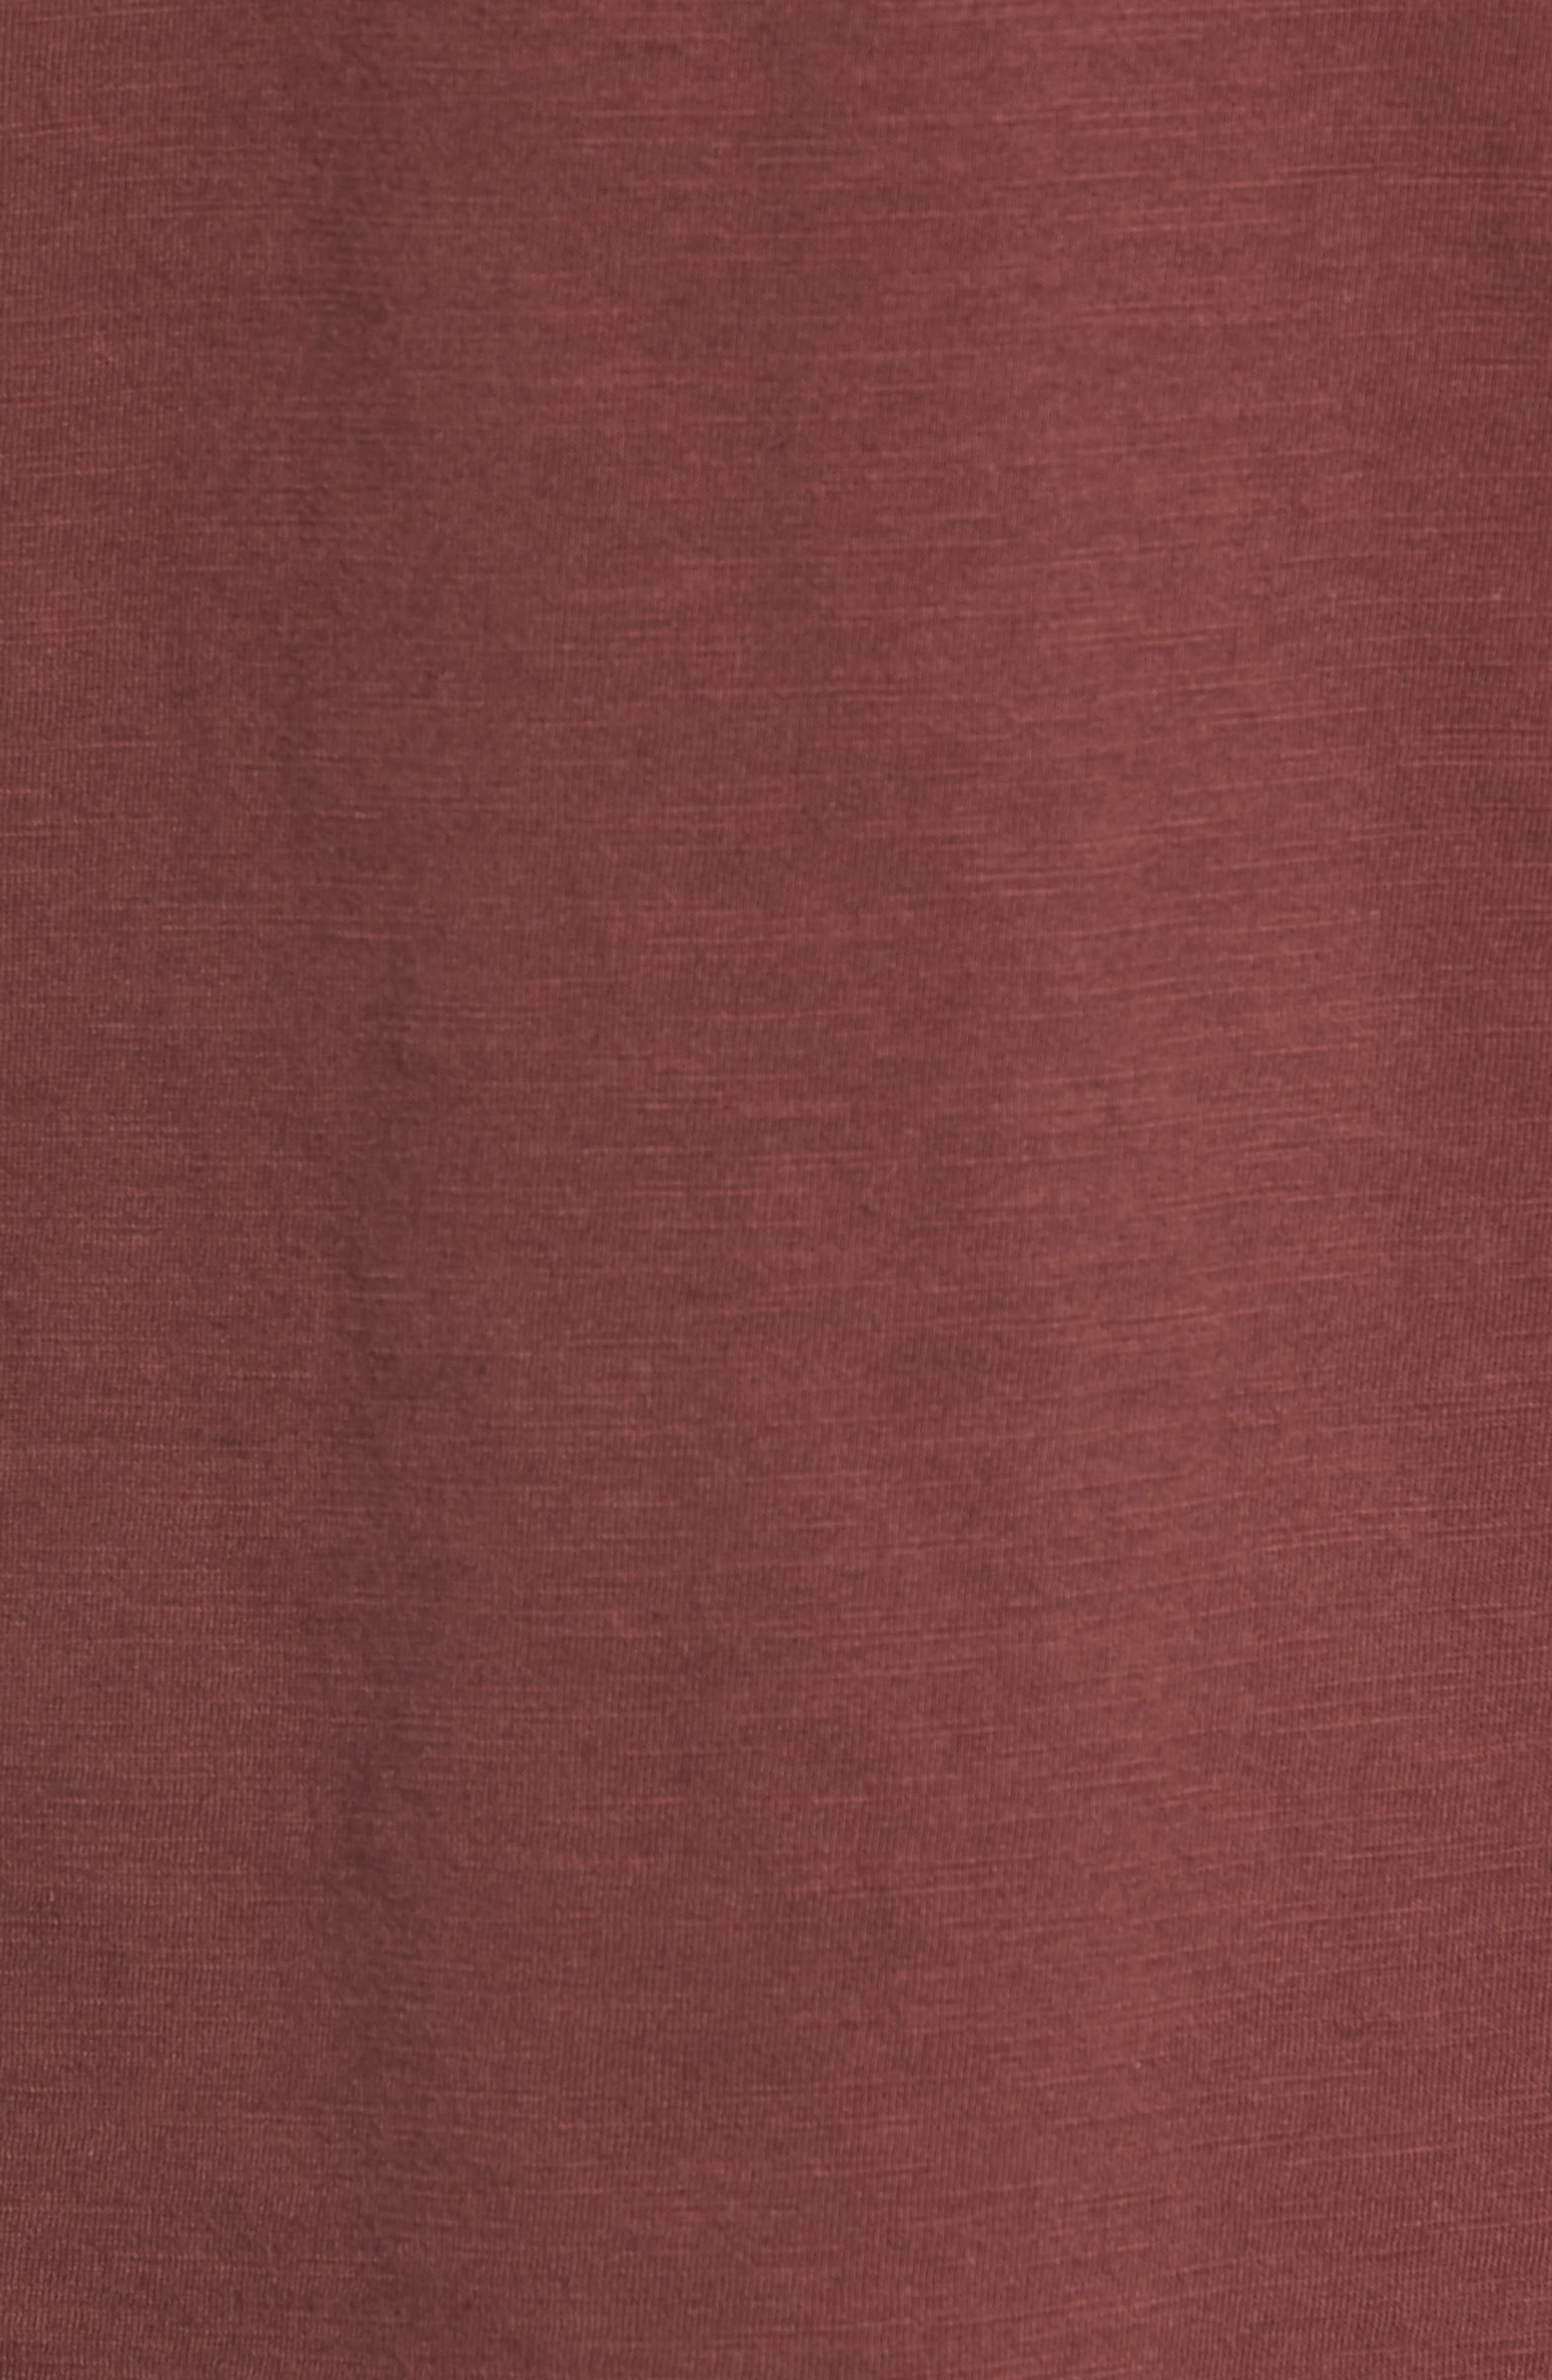 Soccer V-Neck T-Shirt,                             Alternate thumbnail 5, color,                             BURGUNDY